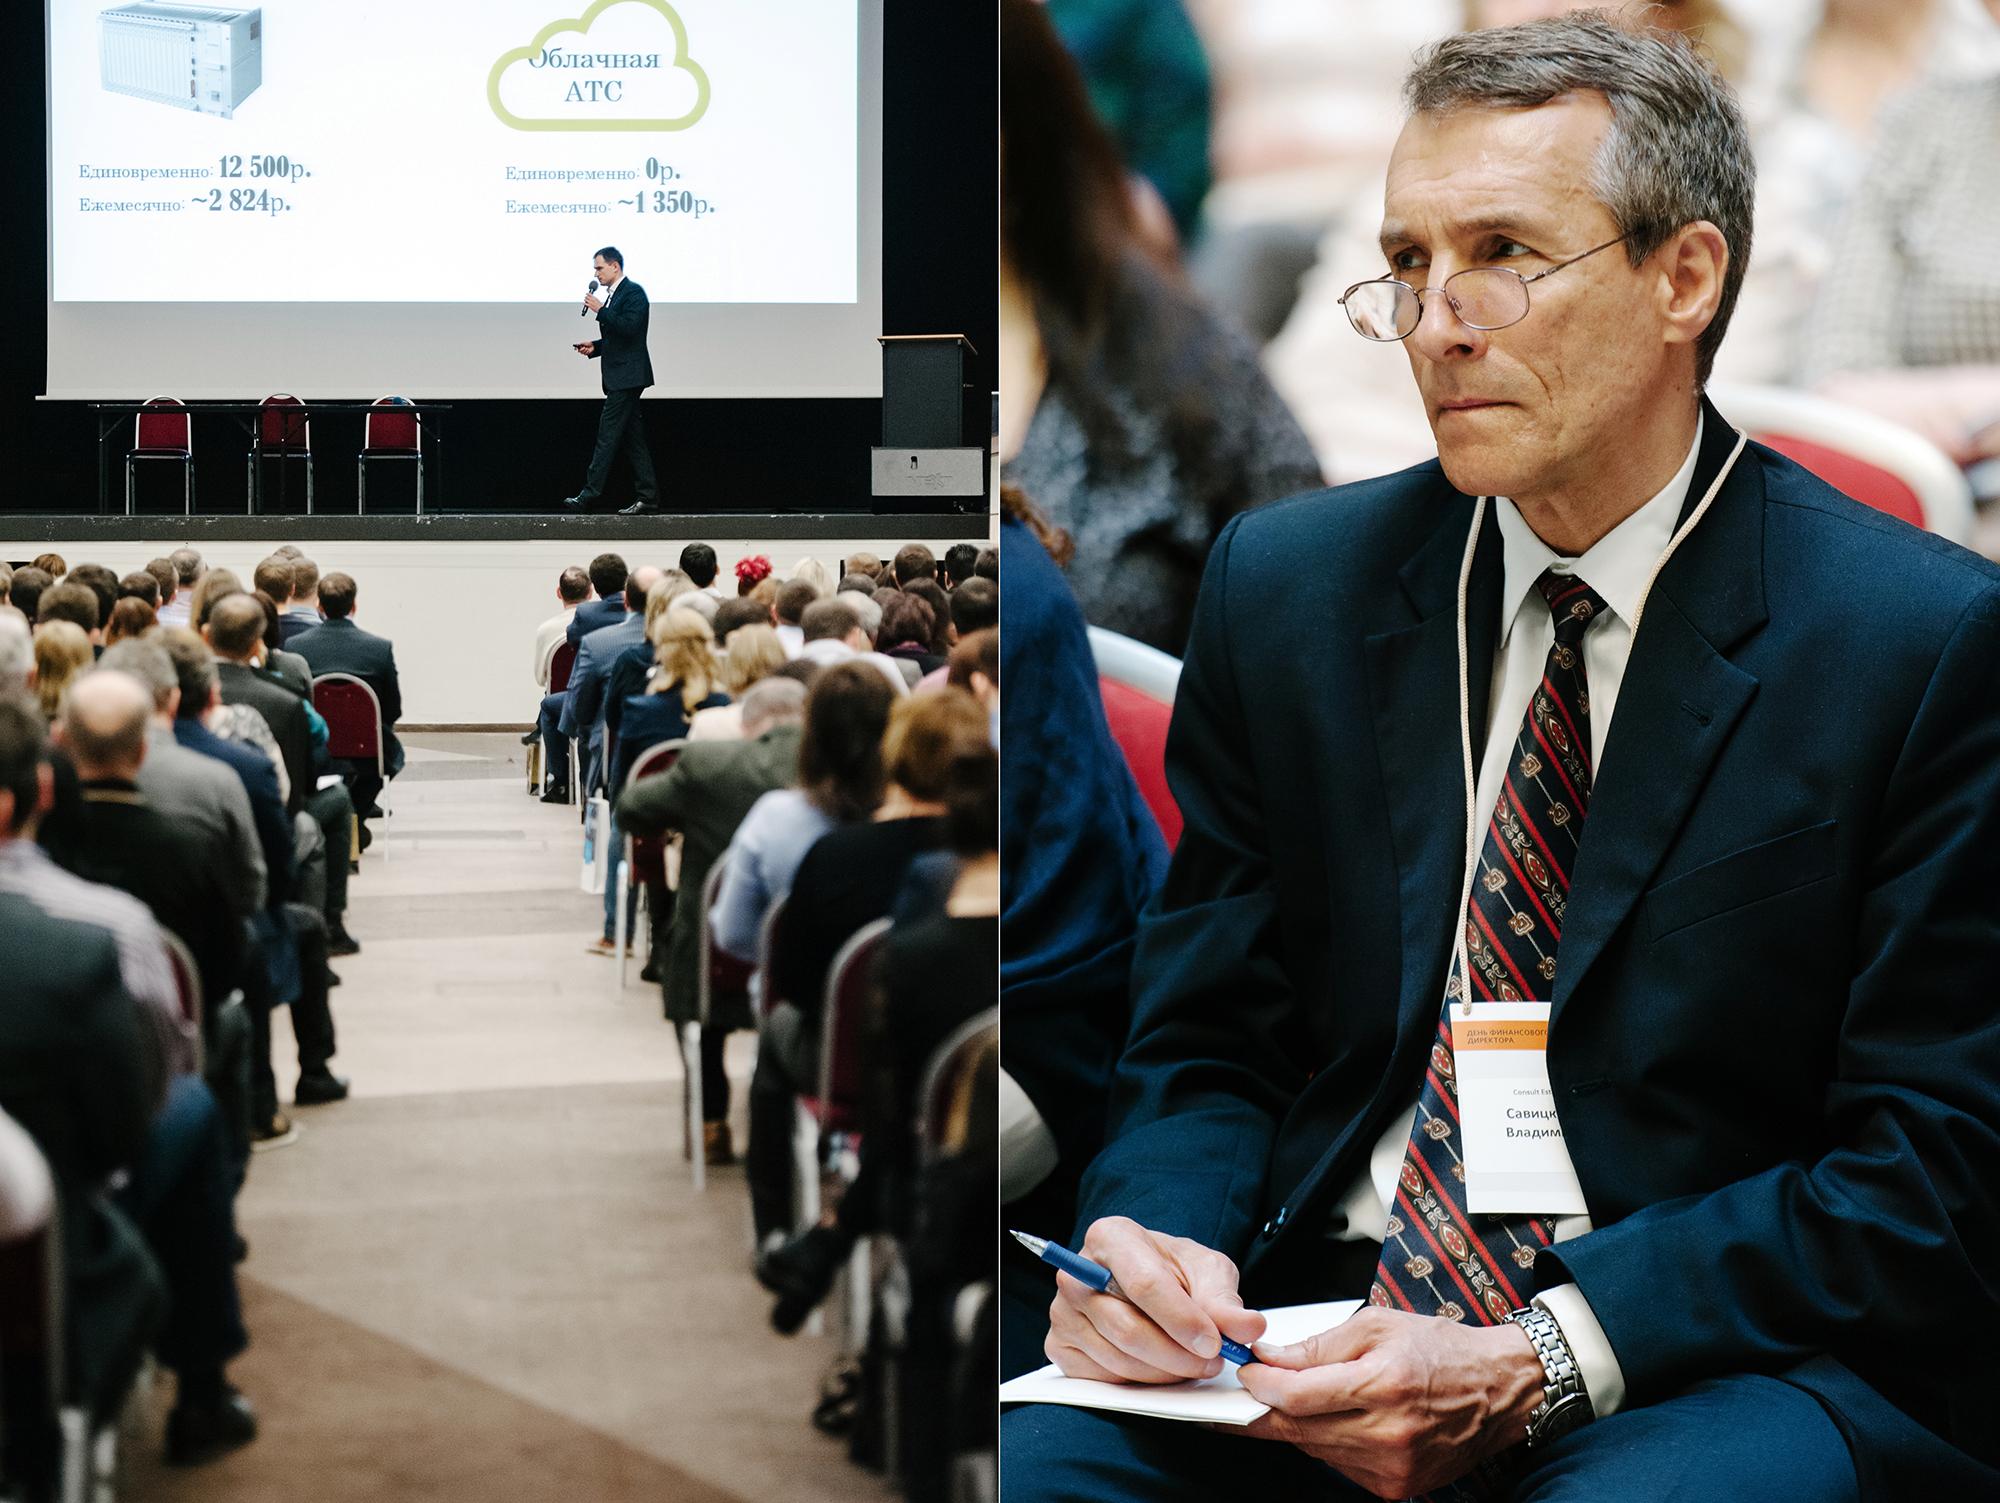 Конференция. Журнал генеральный директор